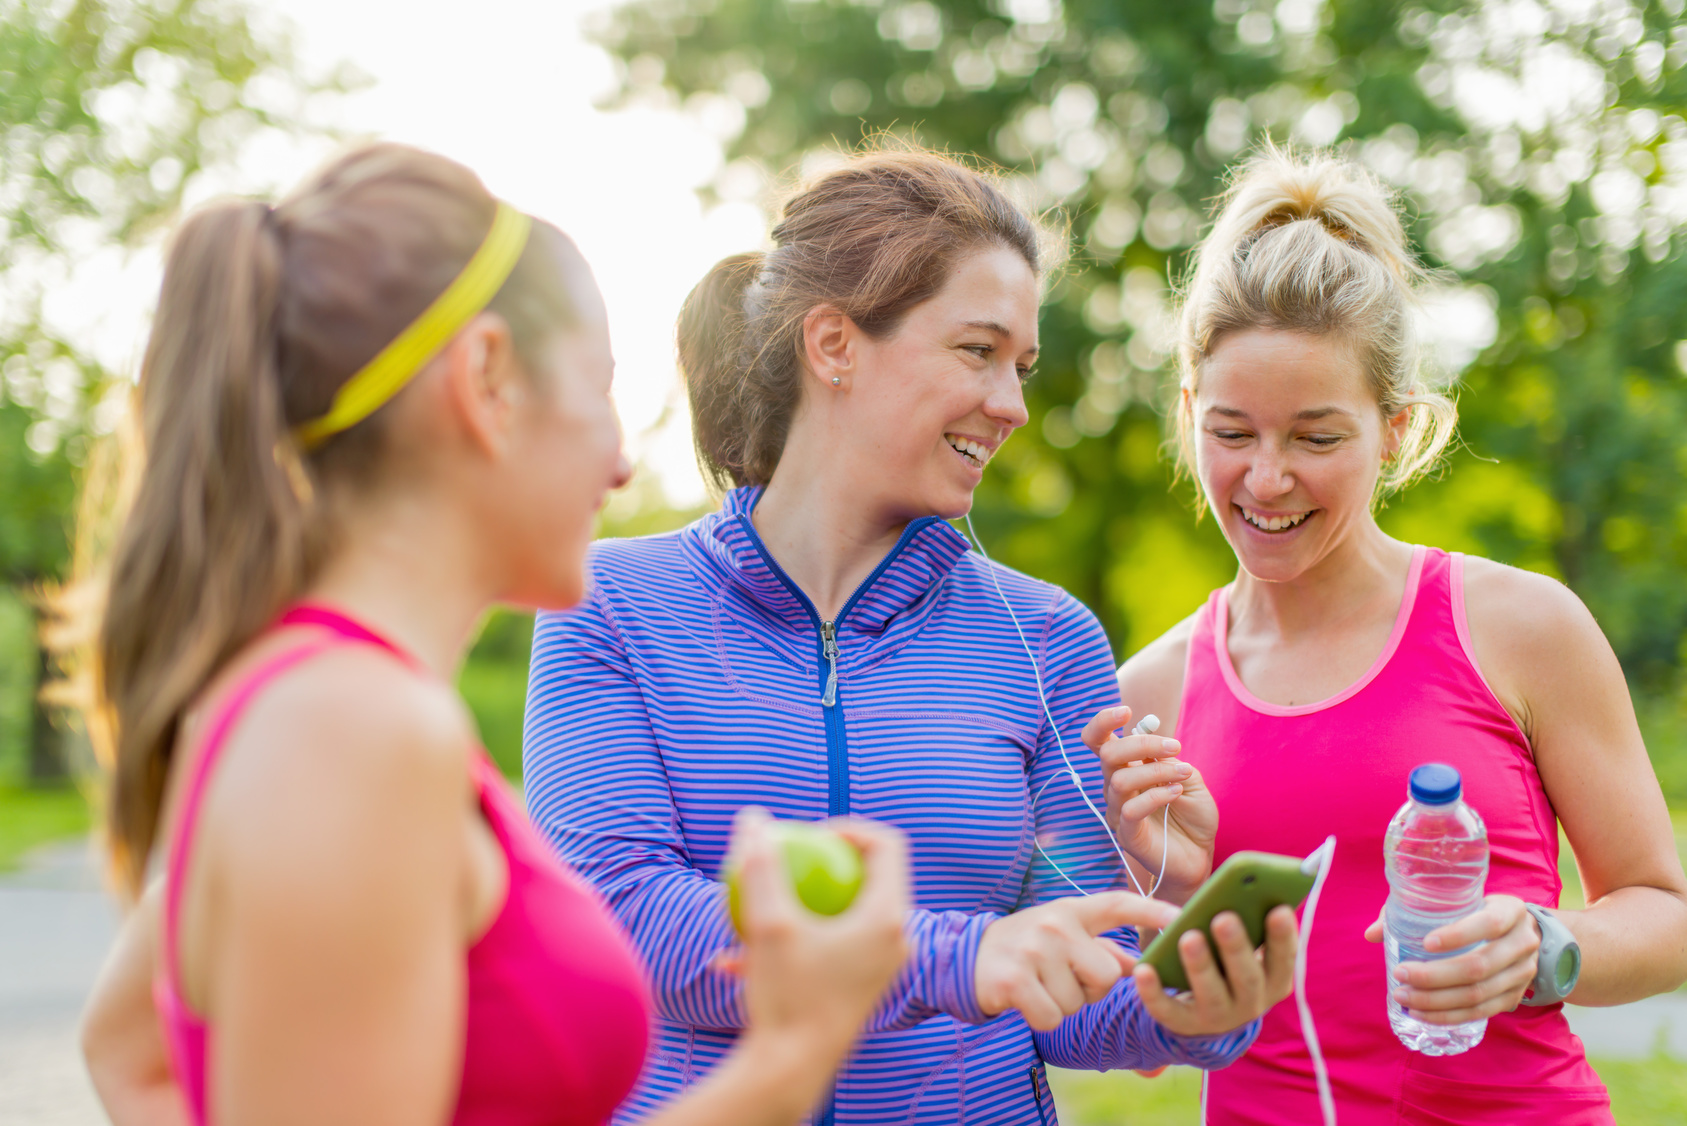 gemeinsames Workout im Freien